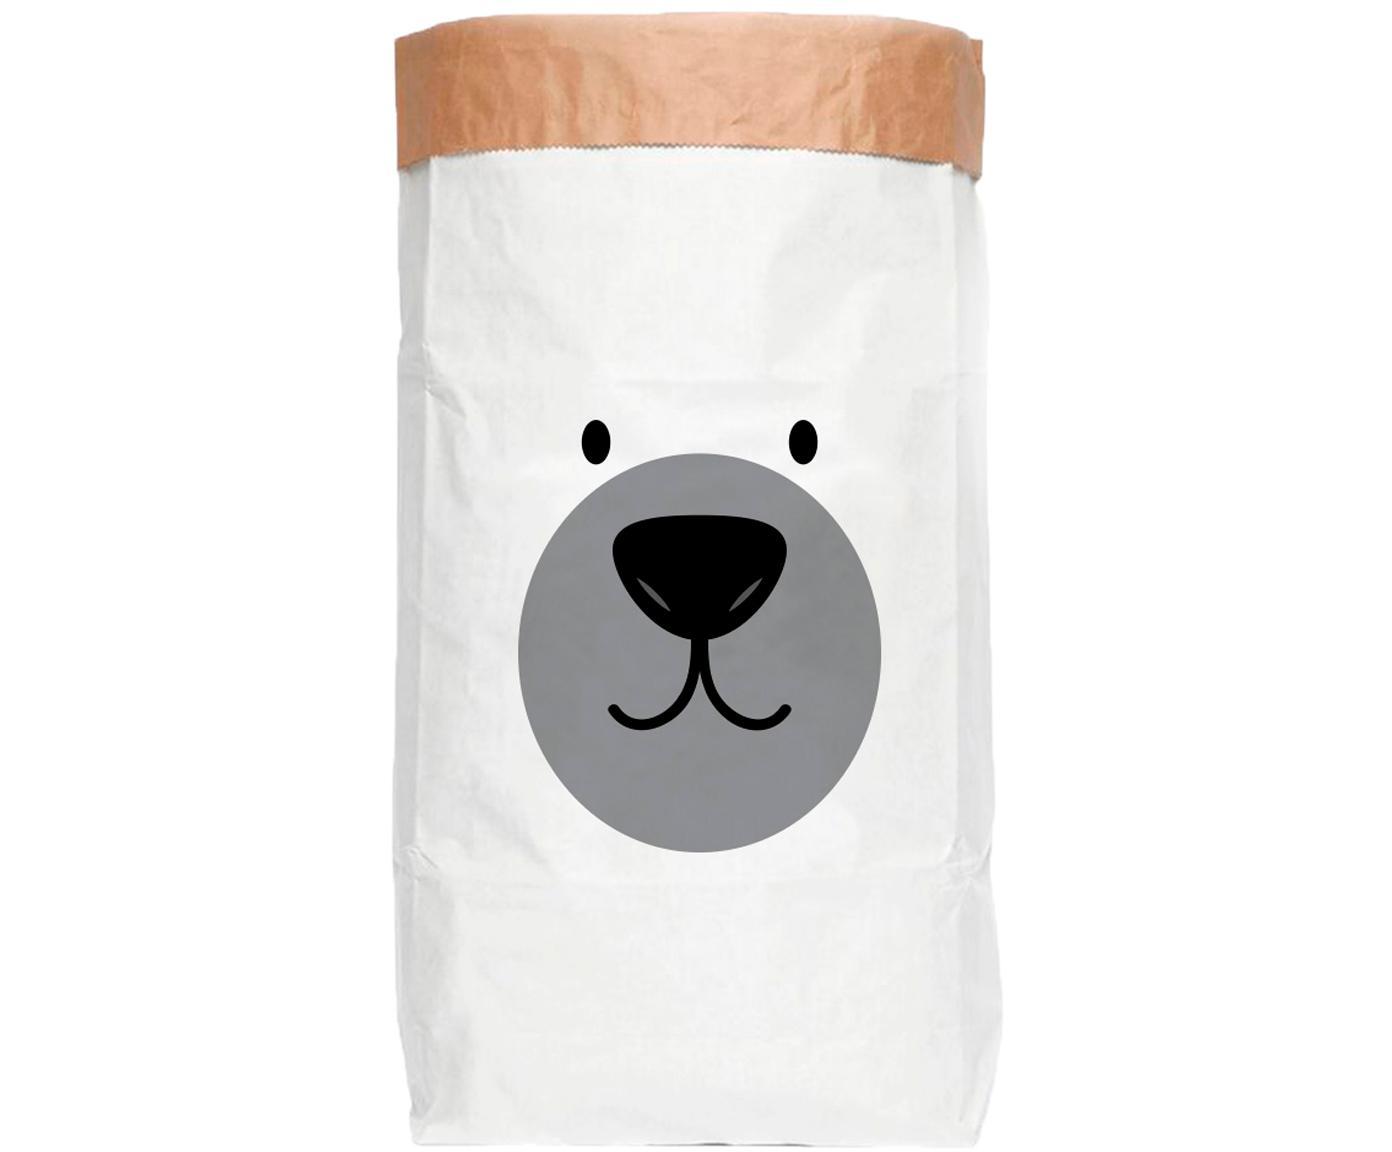 Contenitore in carta Bear, Carta riciclata, Bianco, nero, grigio, Larg. 60 x Alt. 90 cm